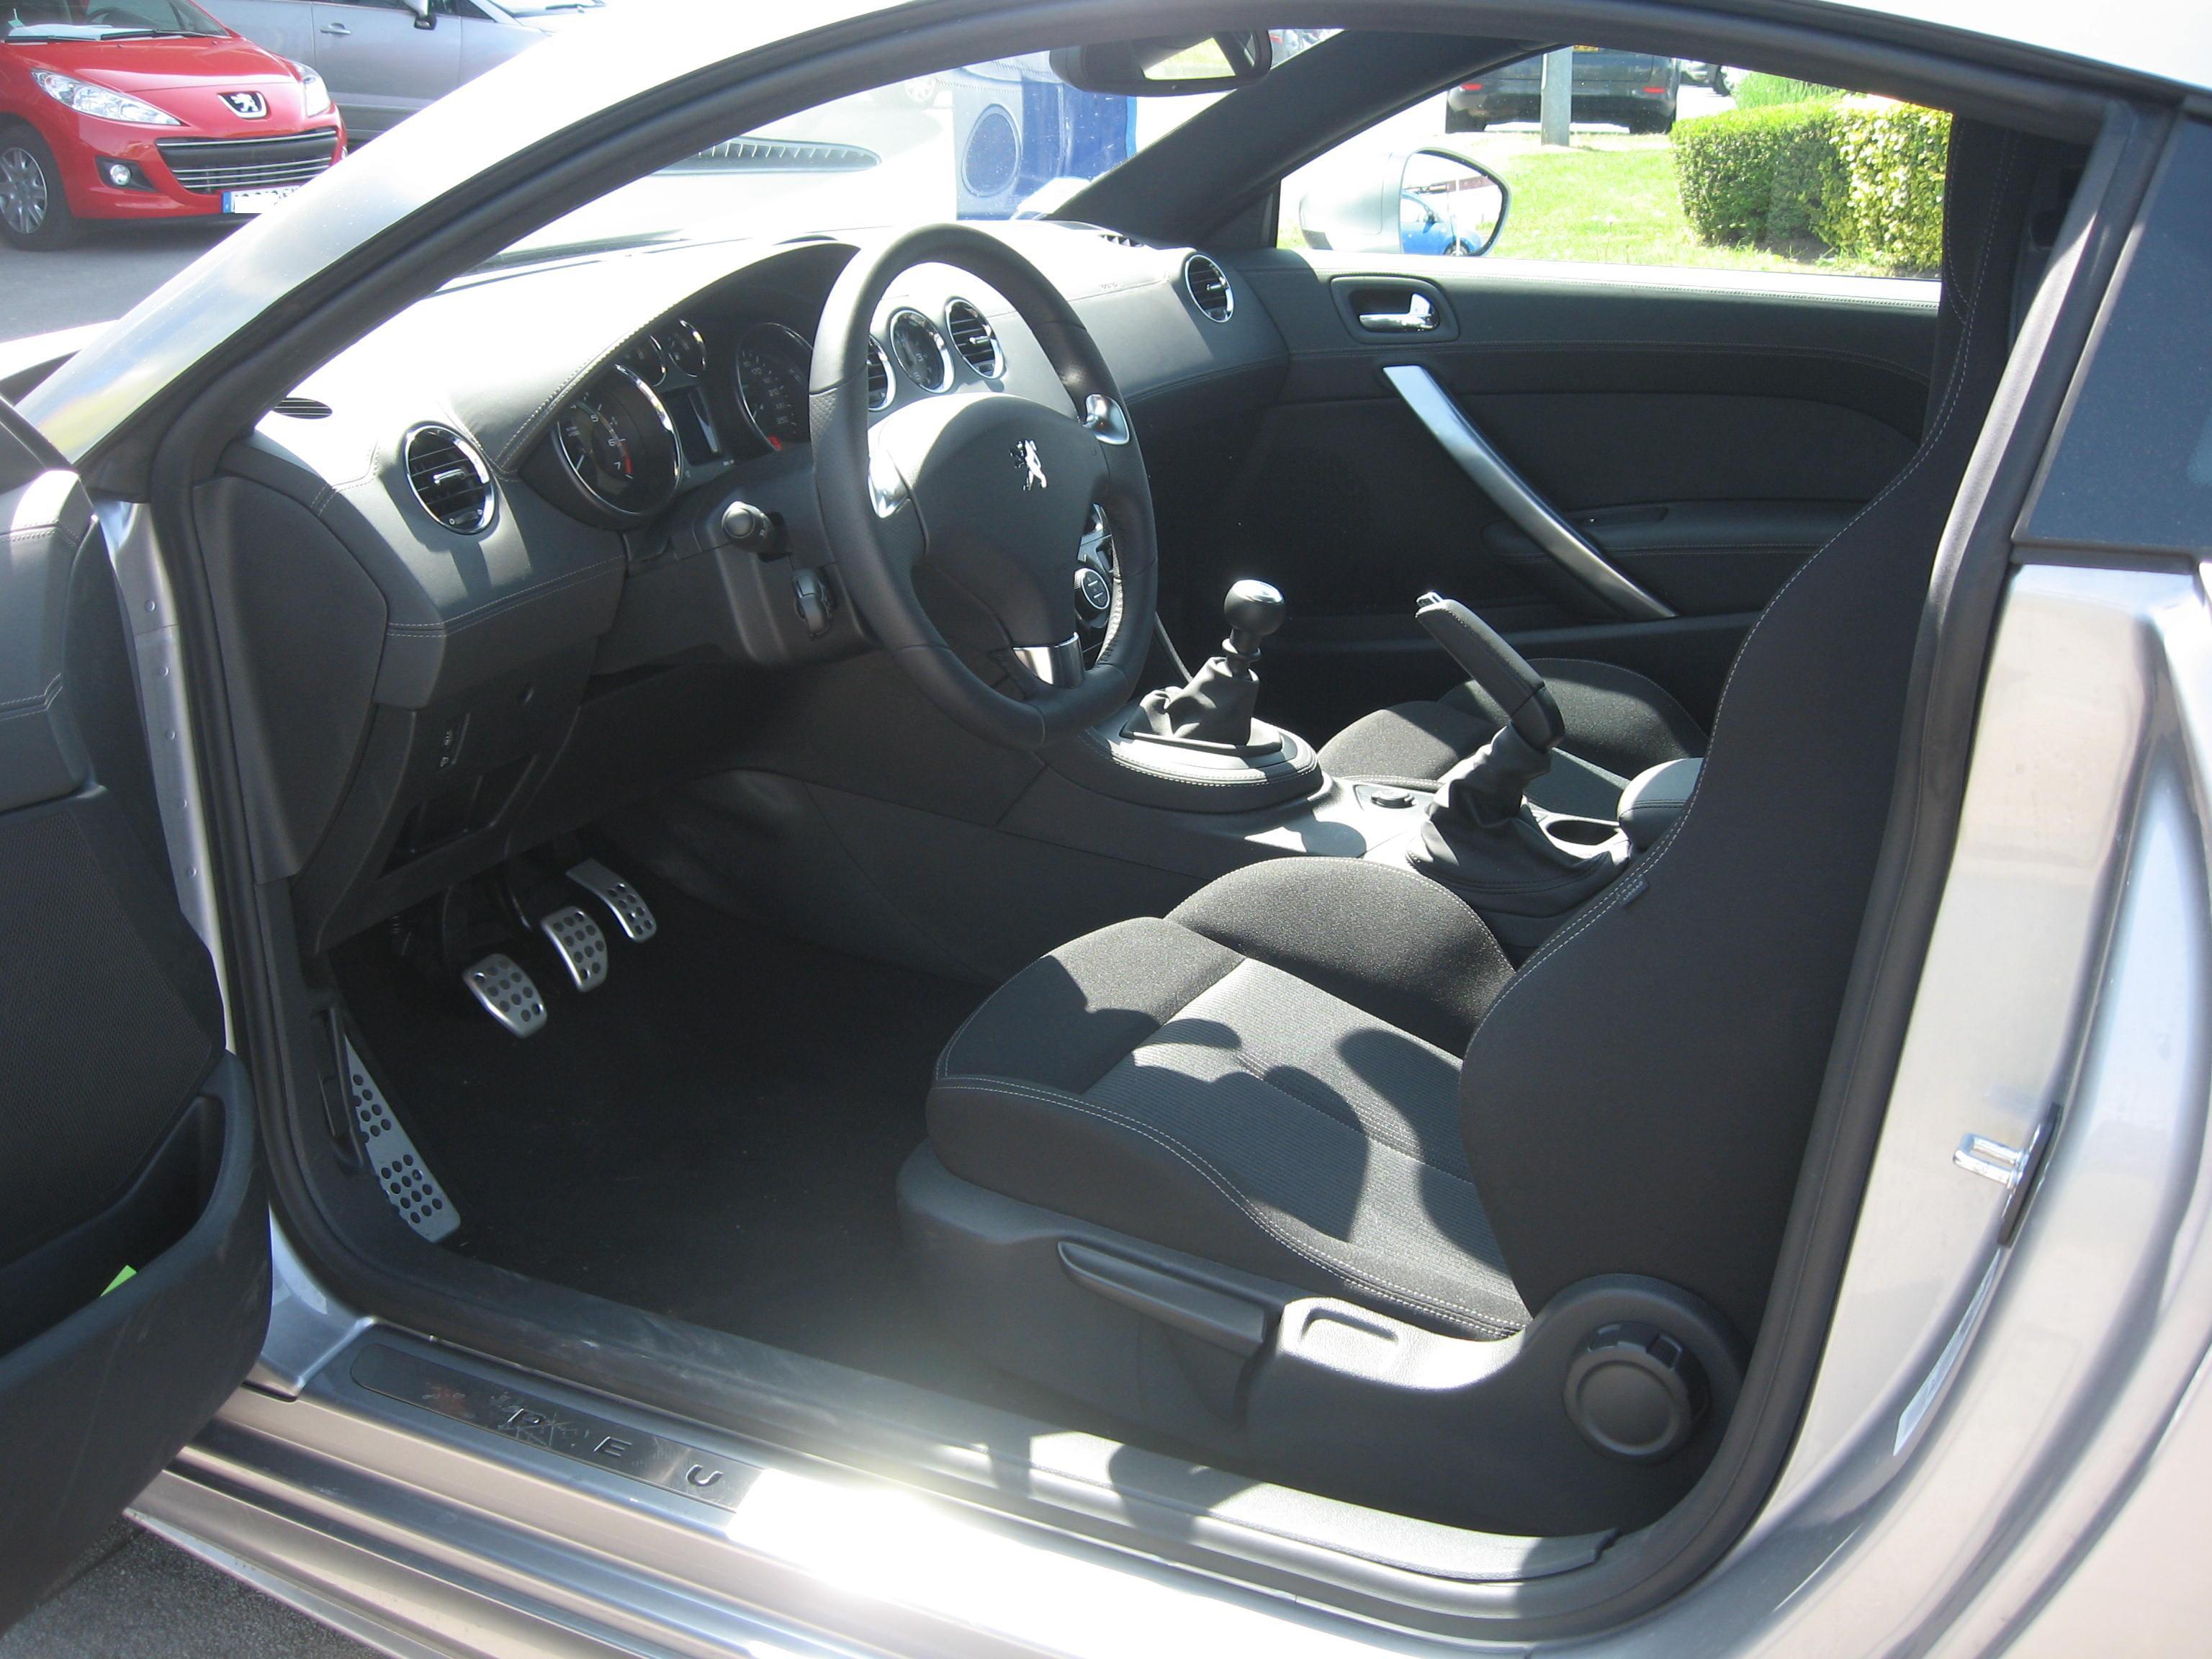 test drive rpt peugeot rcz 1 6 thp 156ch auto titre. Black Bedroom Furniture Sets. Home Design Ideas